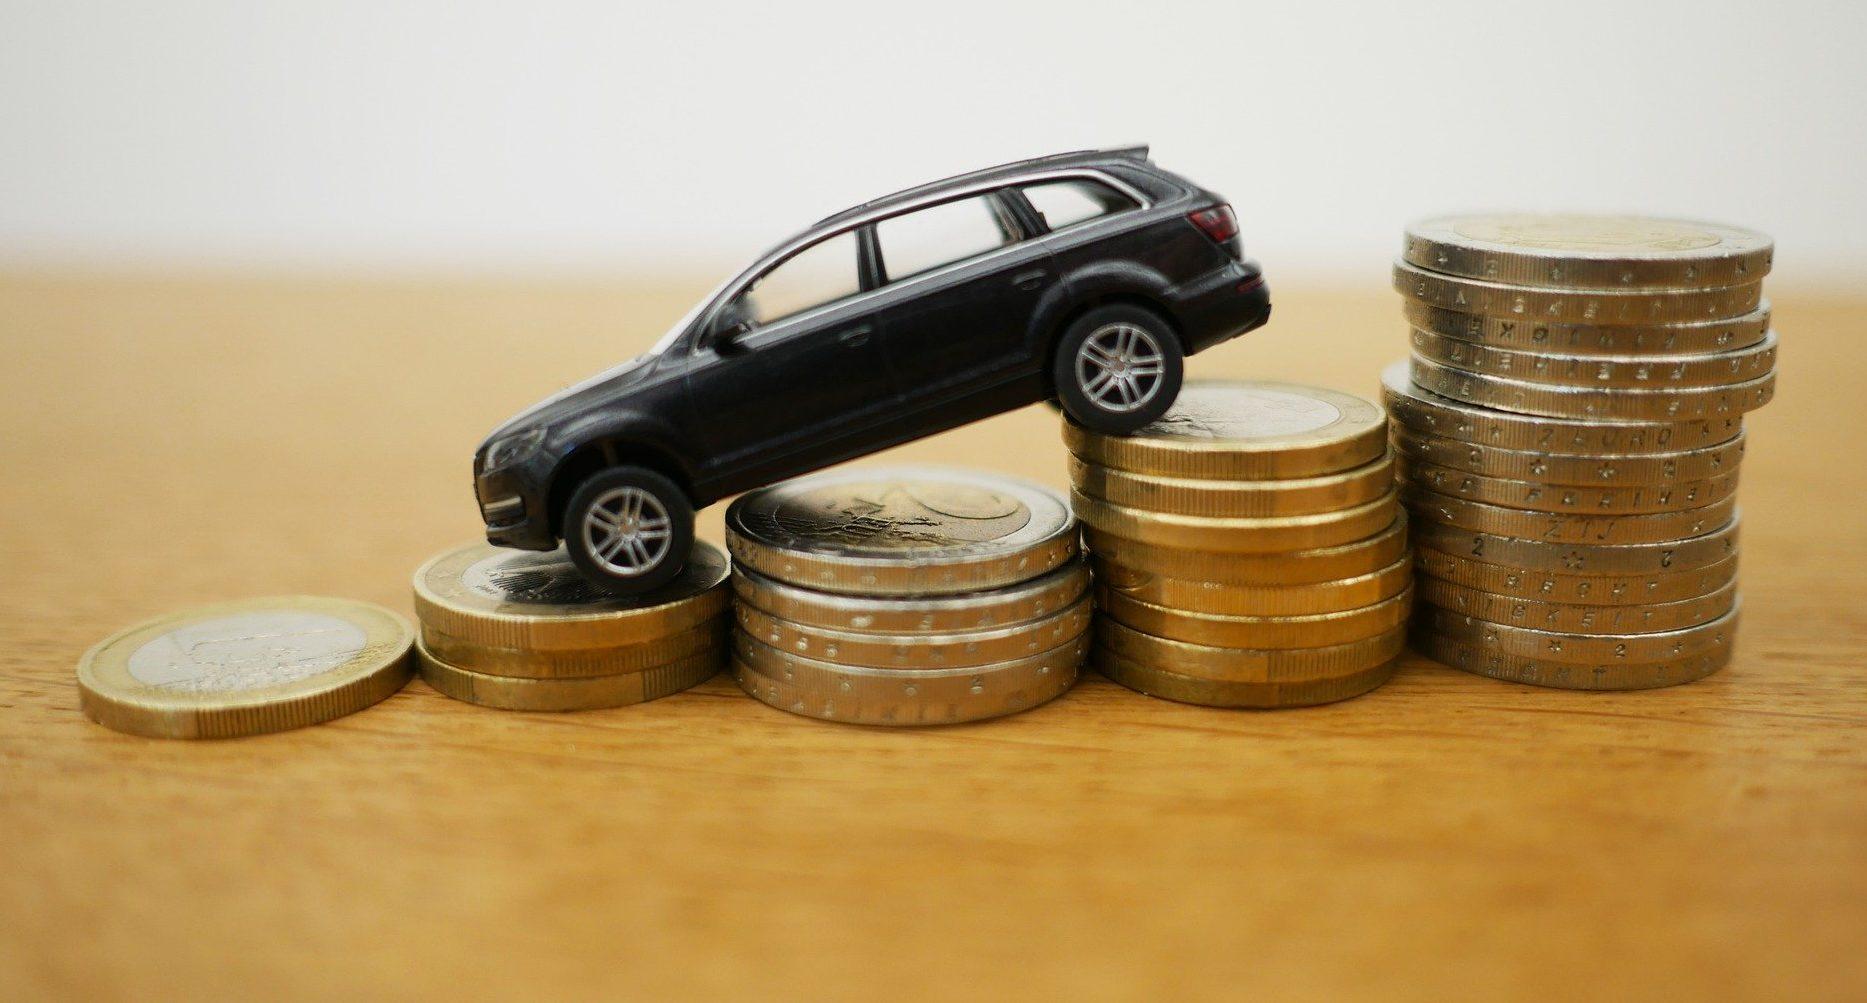 Nächstes Traditionsunternehmen hat finanzielle Probleme: Autohaus Hengstenberg beantragt Insolvenz